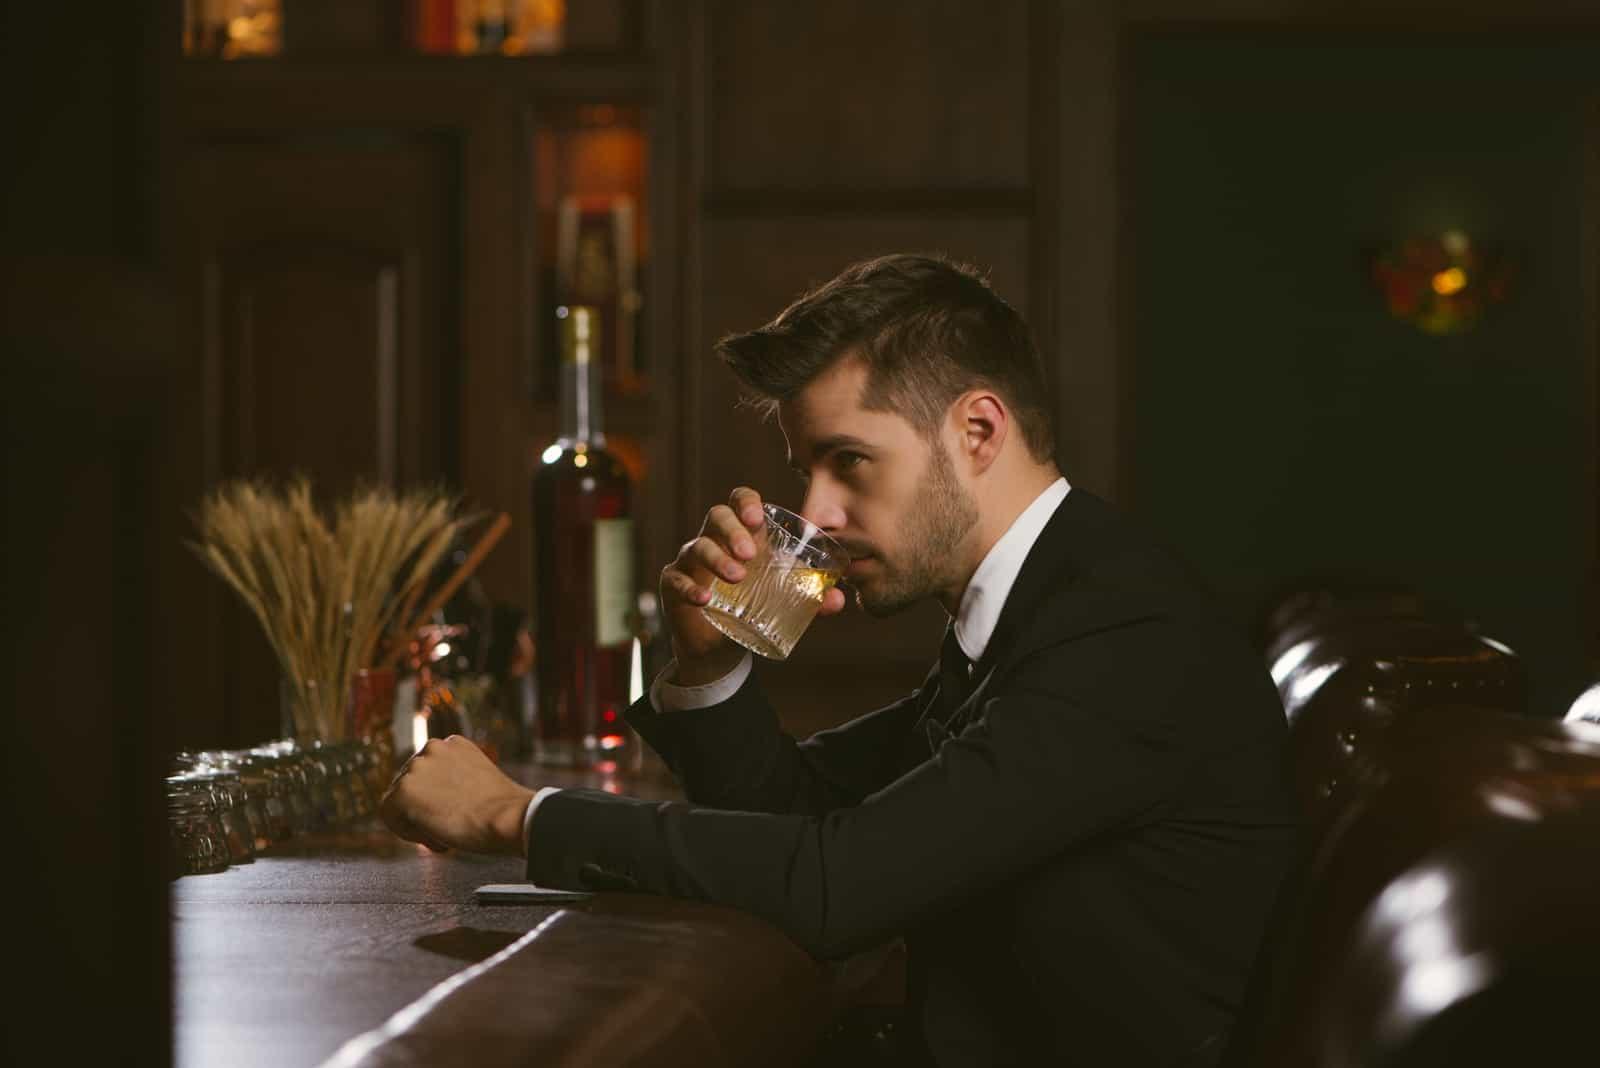 Bel homme vêtu d'un smoking noir dans un bar à whisky